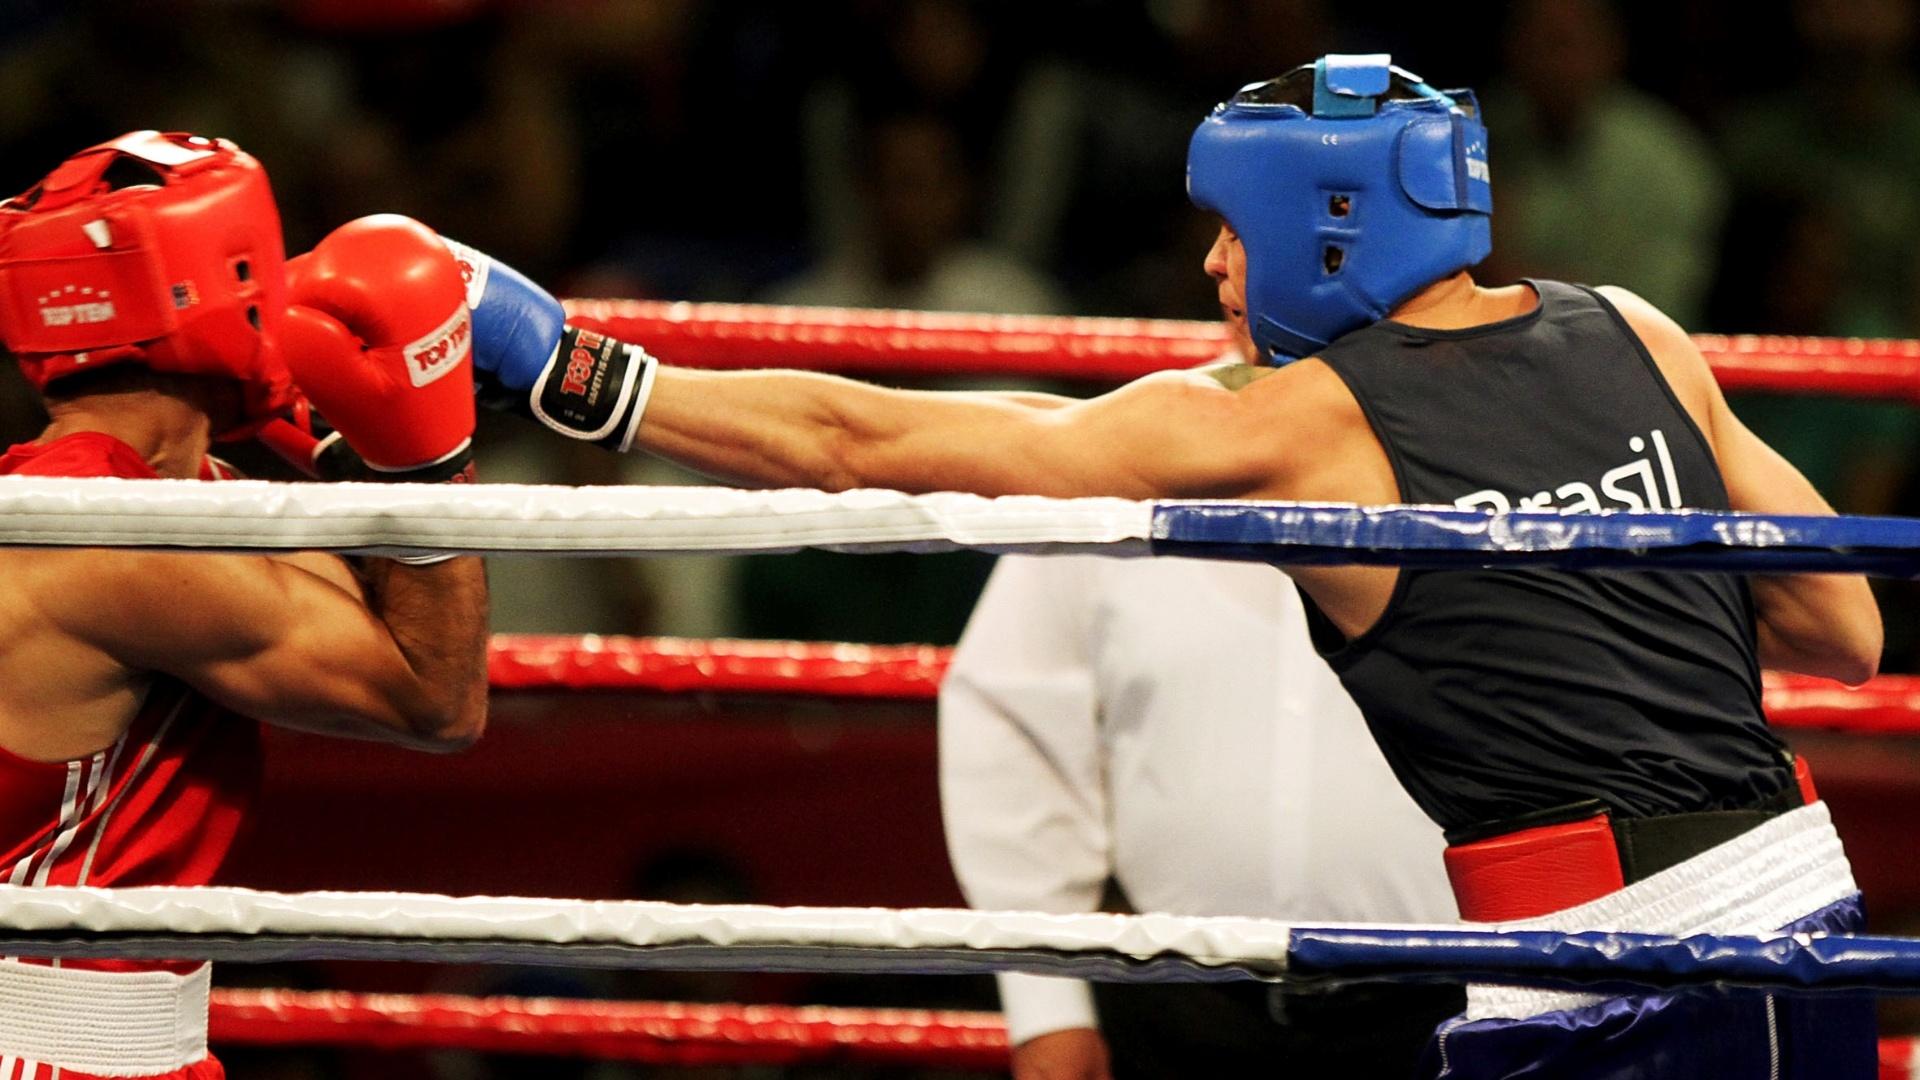 Myke Carvalho (de azul) derrotou o chileno Patricio Villarga por 30 a 8, e se classificou para a semifinal da categoria até 69kg (24/10/2011)